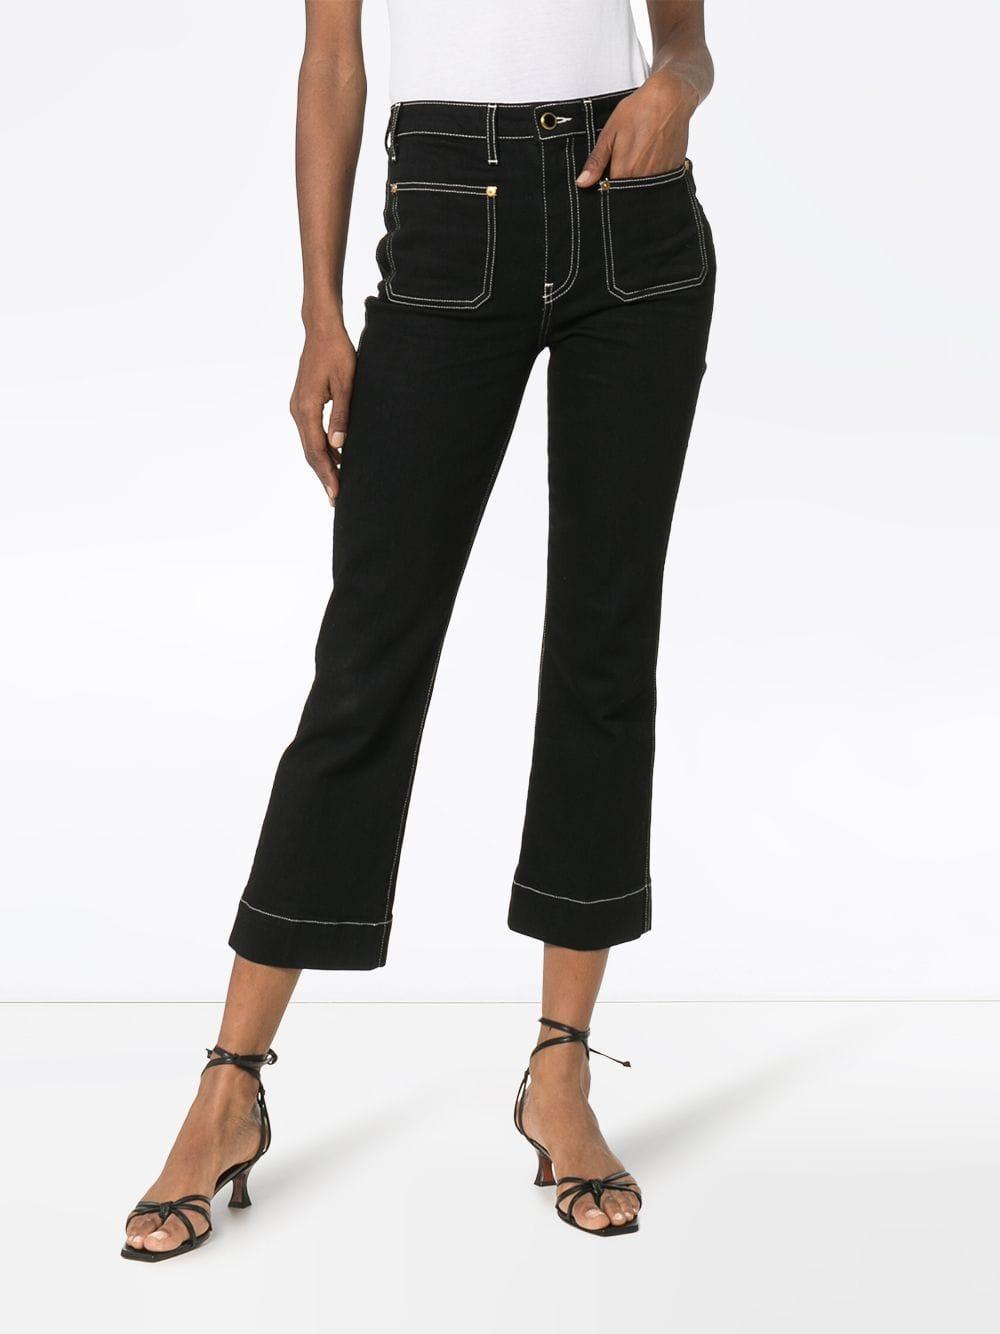 Khaite Denim 'Raquel' Cropped-Jeans in Schwarz Rzzzo